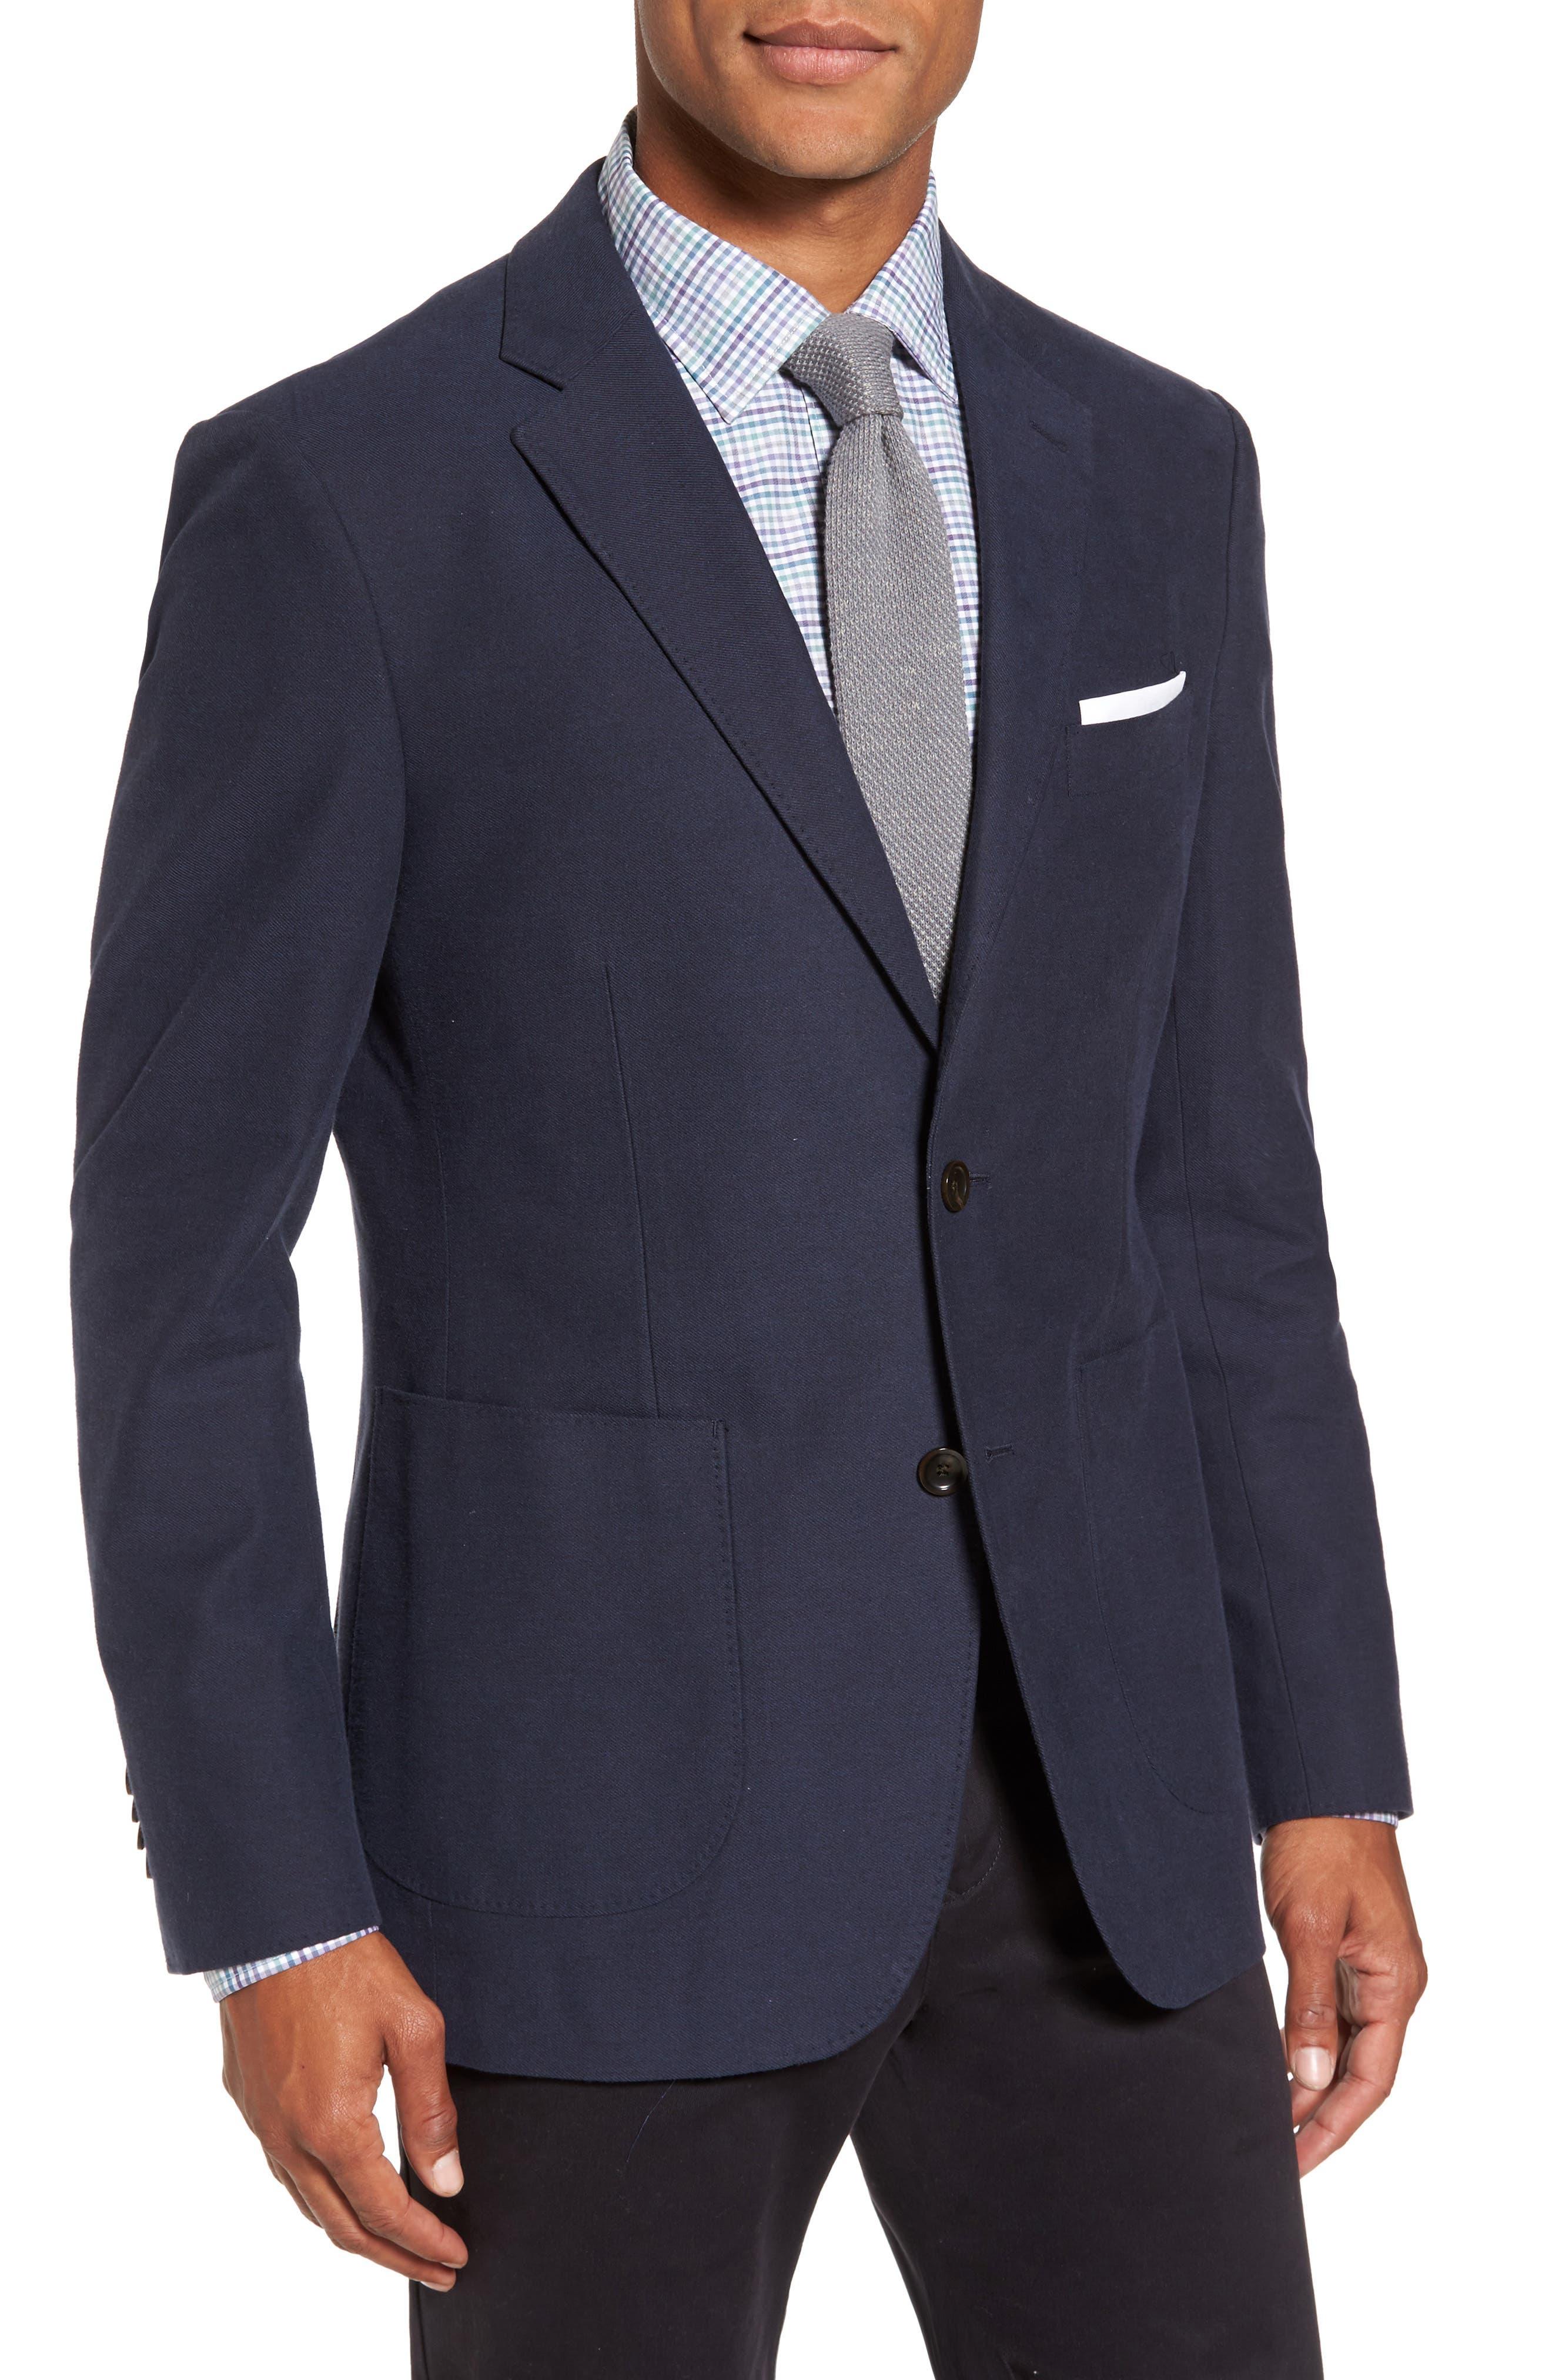 Rodd & Gunn Pembroke Sports Fit Twill Jacket